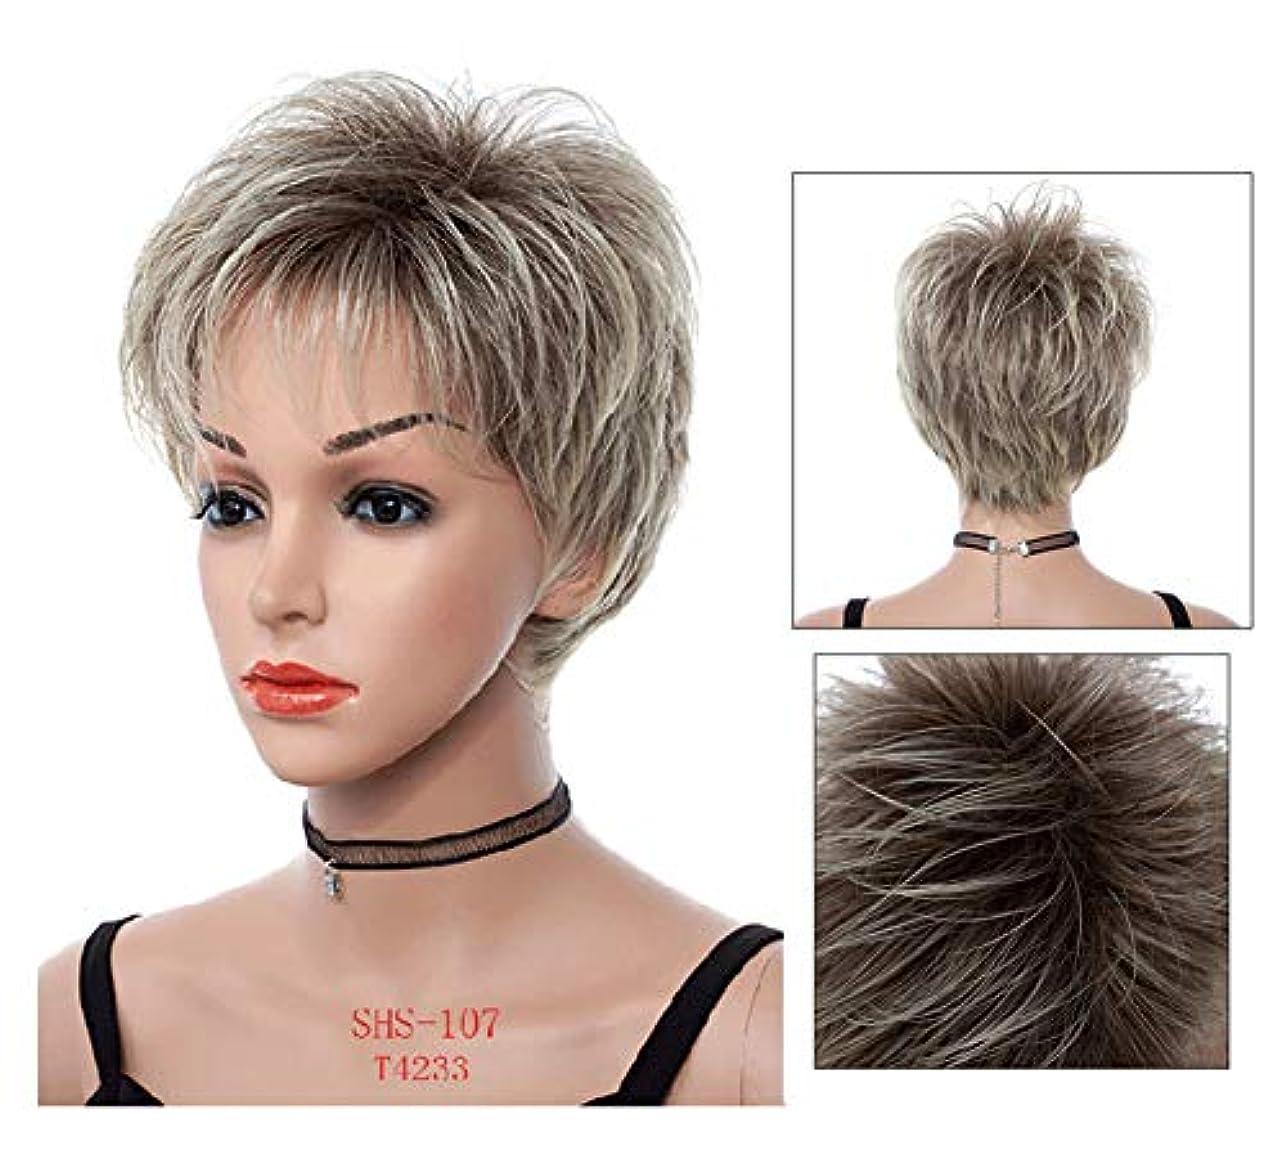 不条理売り手日付付き女性用フルウィッグ、デイリードレスコスプレパーティーヘアピース用8 ''ナチュラルショートヘア